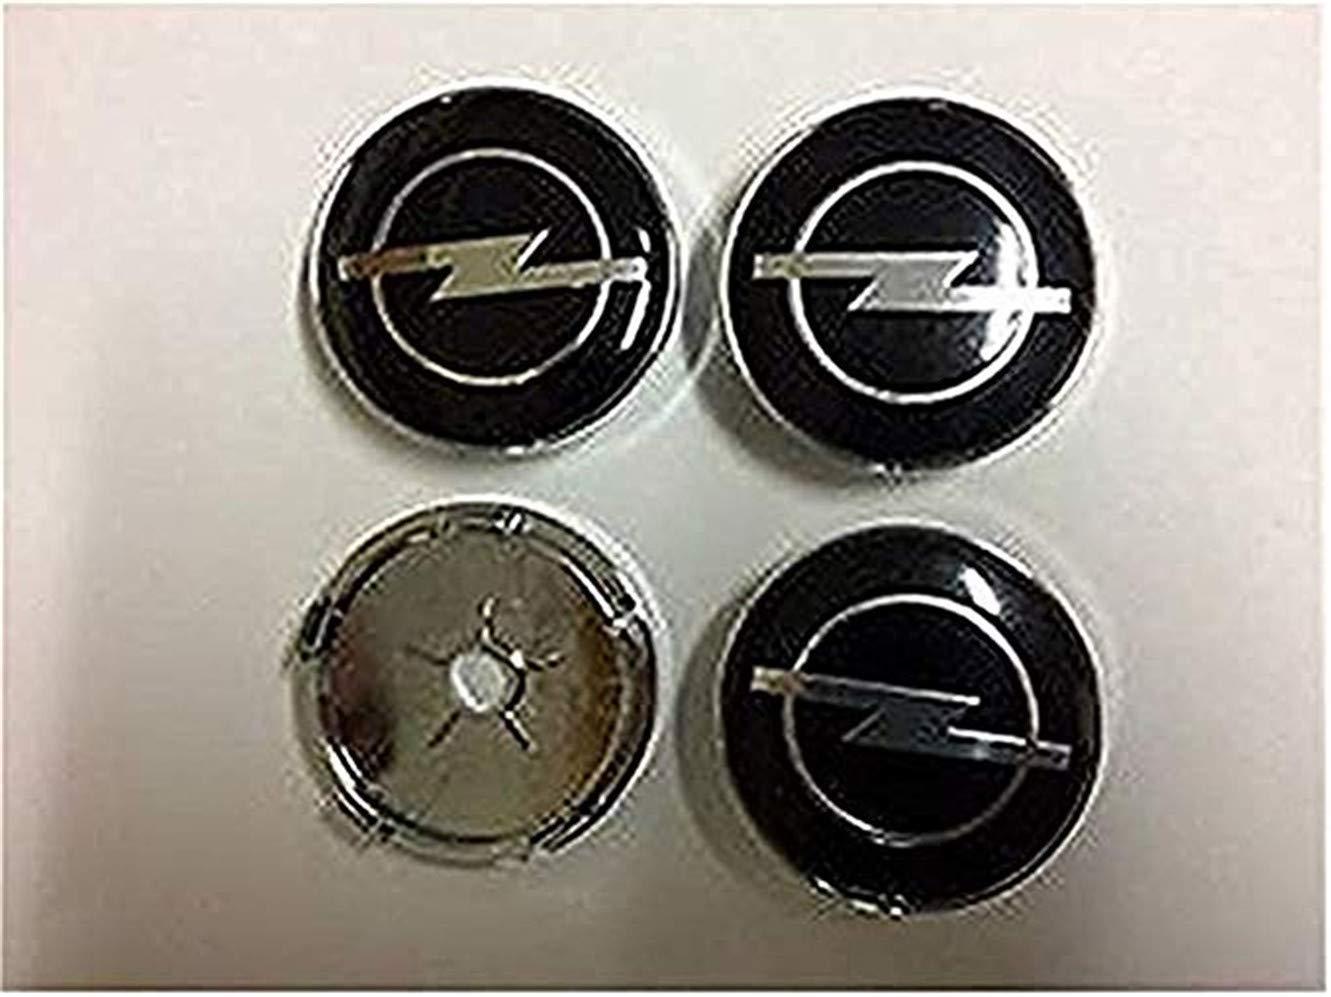 fanlinxin Vauxhall Opel Ruota in Lega Center Set di 4 Spine, Badge Coprimozzo Nero 60 mm Badge Coprimozzo Nero 60mm